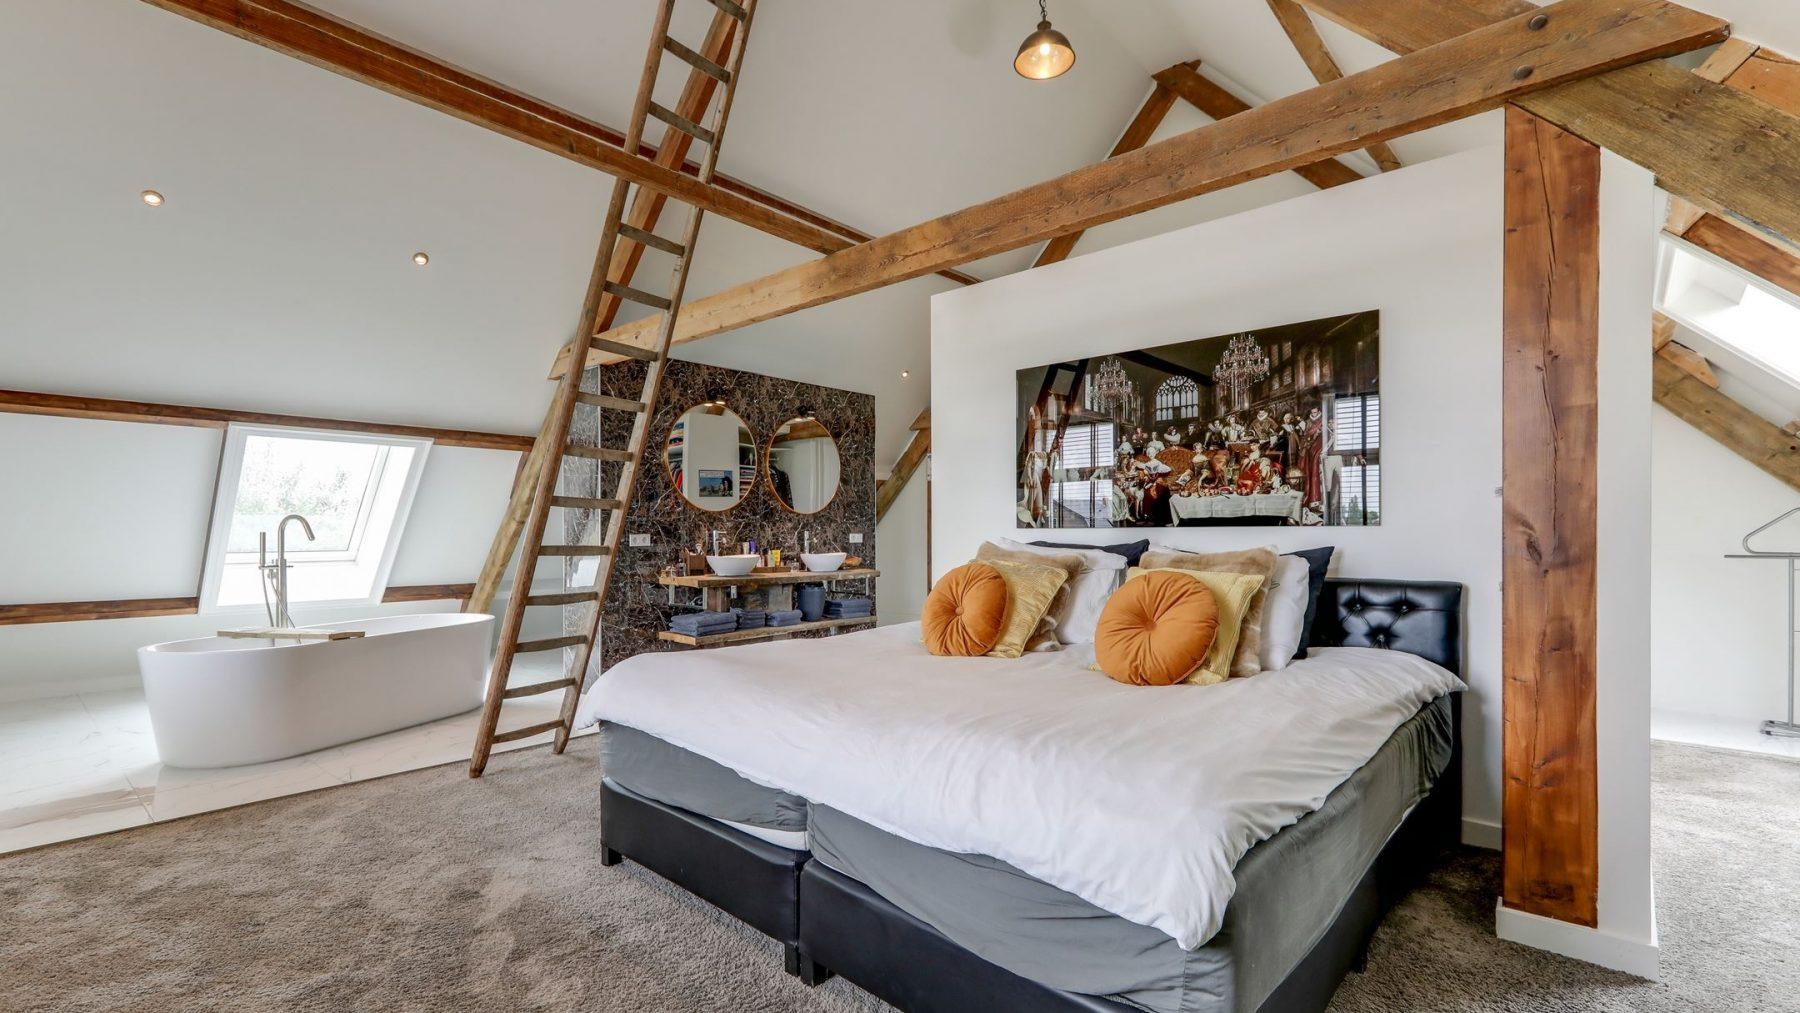 bad-in-de-slaapkamer